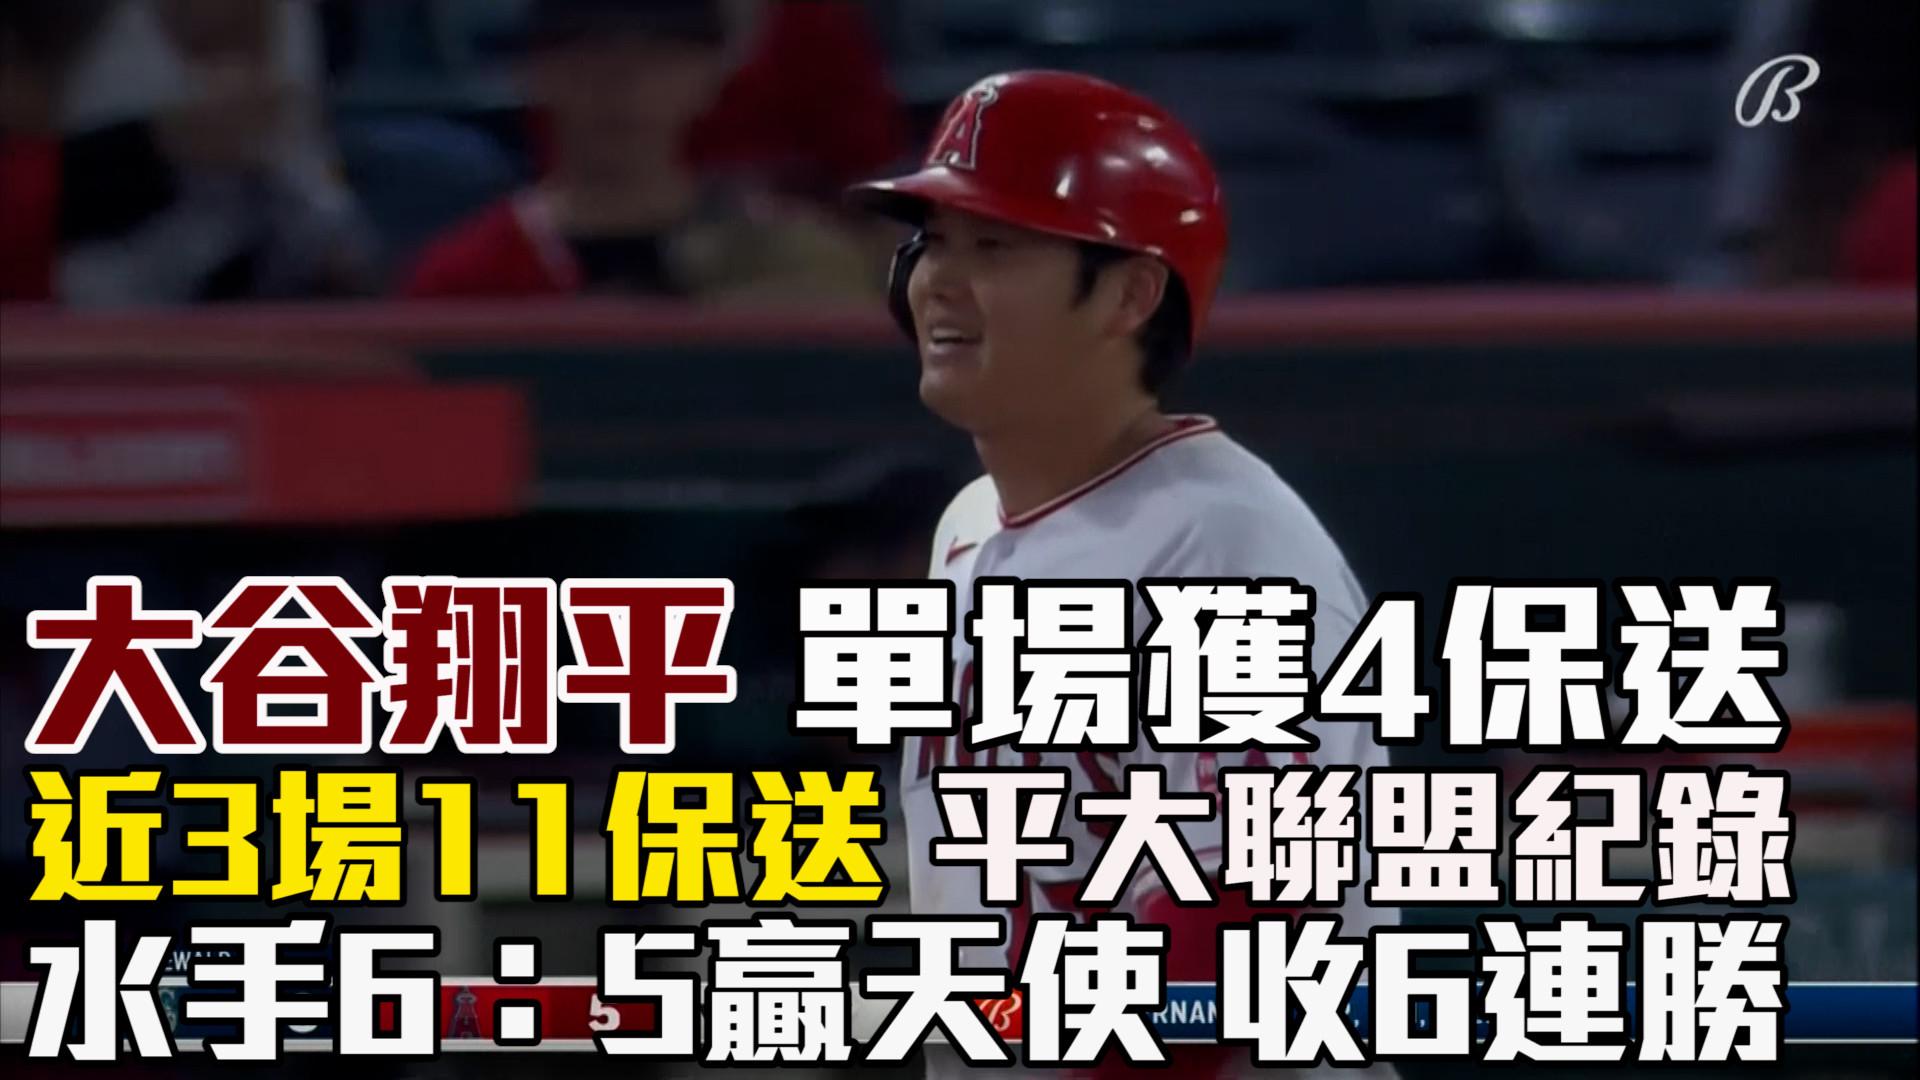 【MLB看愛爾達】近三場獲11保送 大谷翔平追平紀錄 9/25